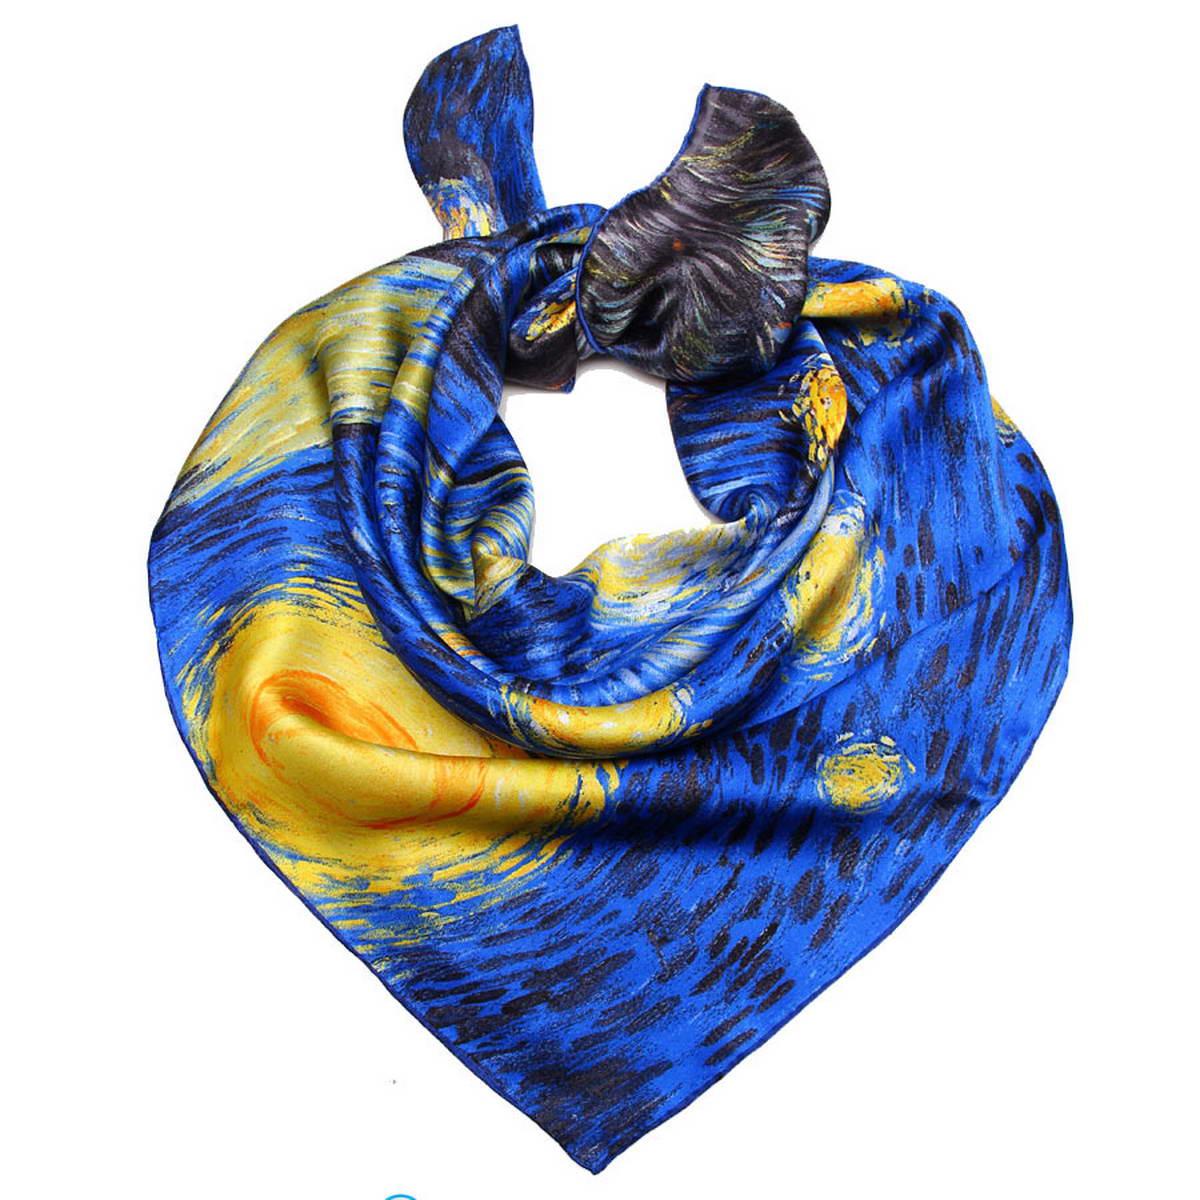 Платок женский Venera, цвет: синий, черный, зеленый. 1810912-10. Размер 90 см х 90 см1810912-10Стильный женский платок Venera станет великолепным завершением любого наряда. Платок изготовлен из 100% шелка и оформлен изображение картины Винсента Ван Гога Звездная ночь. Классическая квадратная форма позволяет носить платок на шее, украшать им прическу или декорировать сумочку. Легкий и приятный на ощупь платок поможет вам создать изысканный женственный образ. Такой платок превосходно дополнит любой наряд и подчеркнет ваш неповторимый вкус и элегантность.